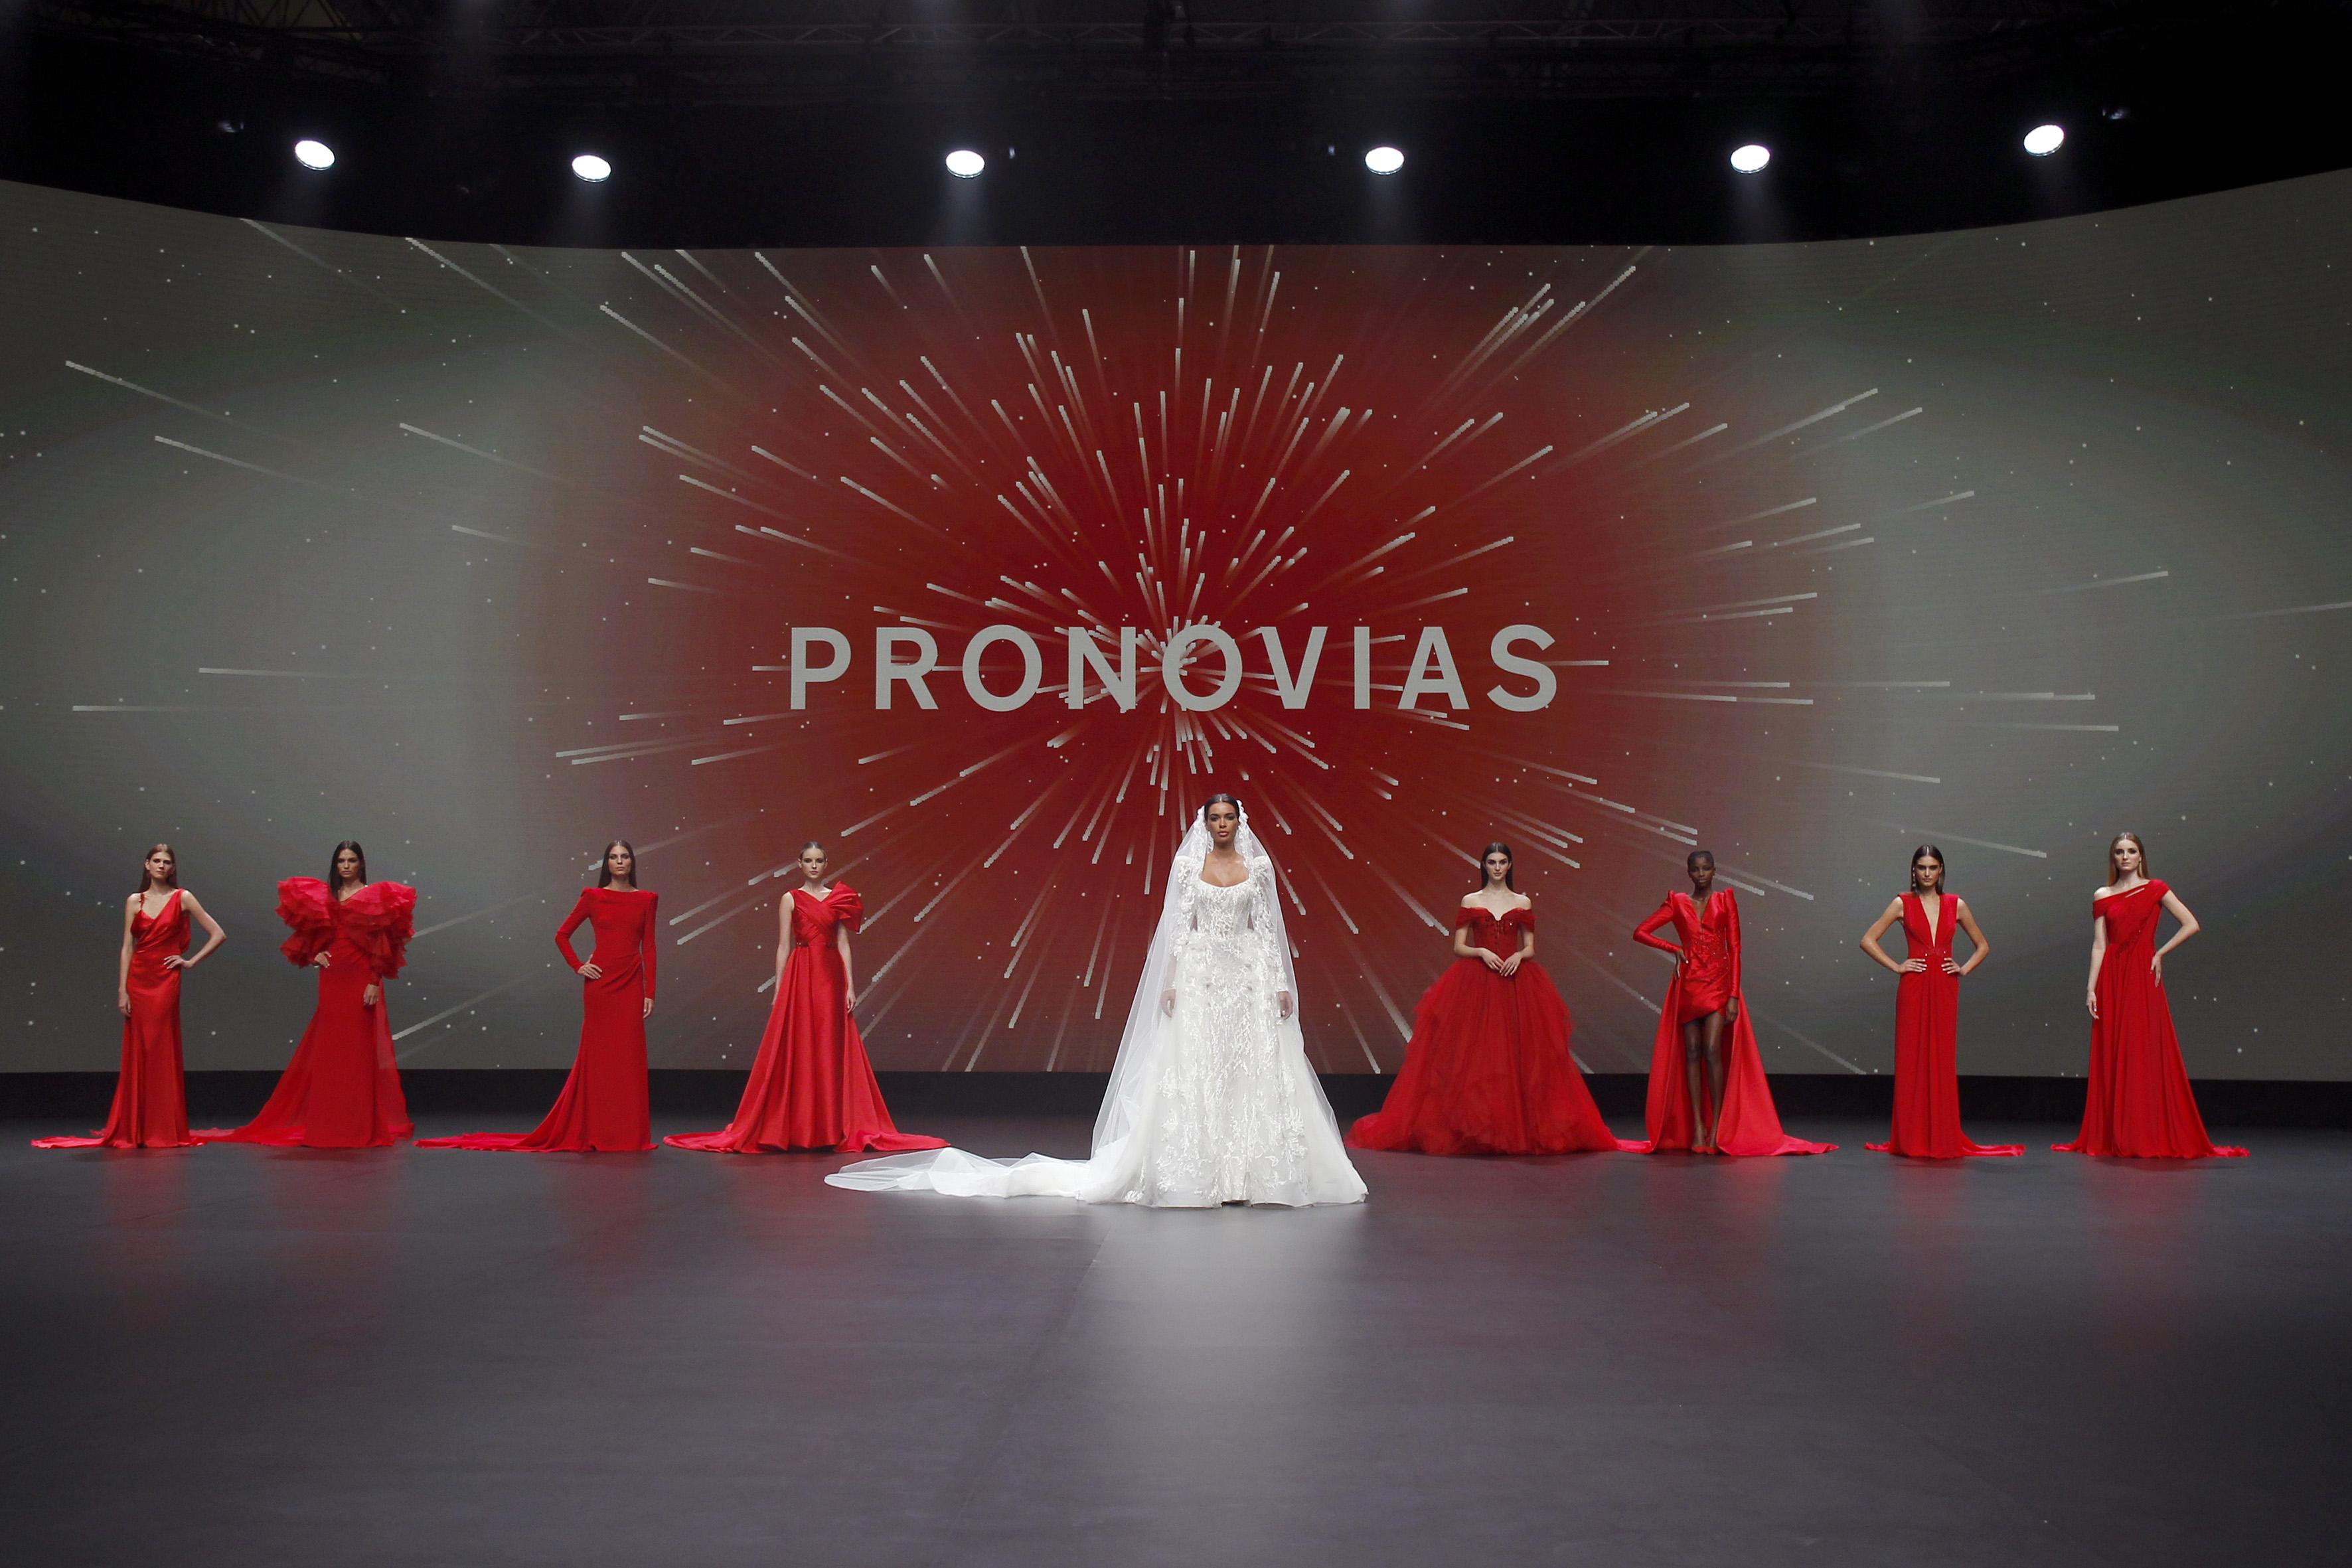 Desfile de Pronovias en VBBFW Digital Experience 2020